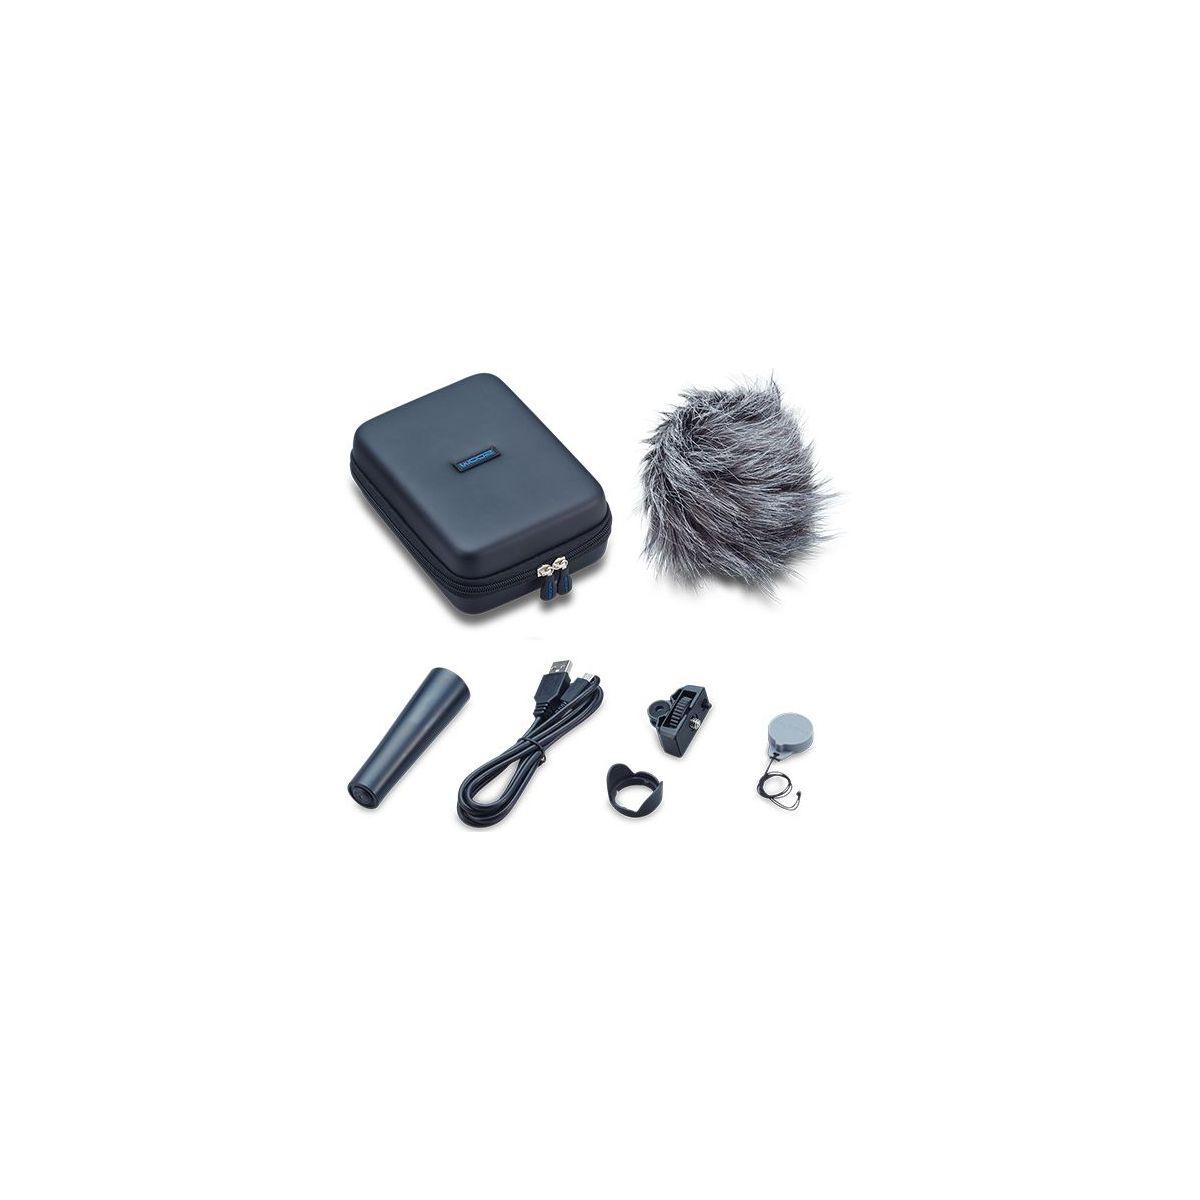 Kit d'accessoires ZOOM APQ-2n - Pack d'accessoires pour Q2n (photo)